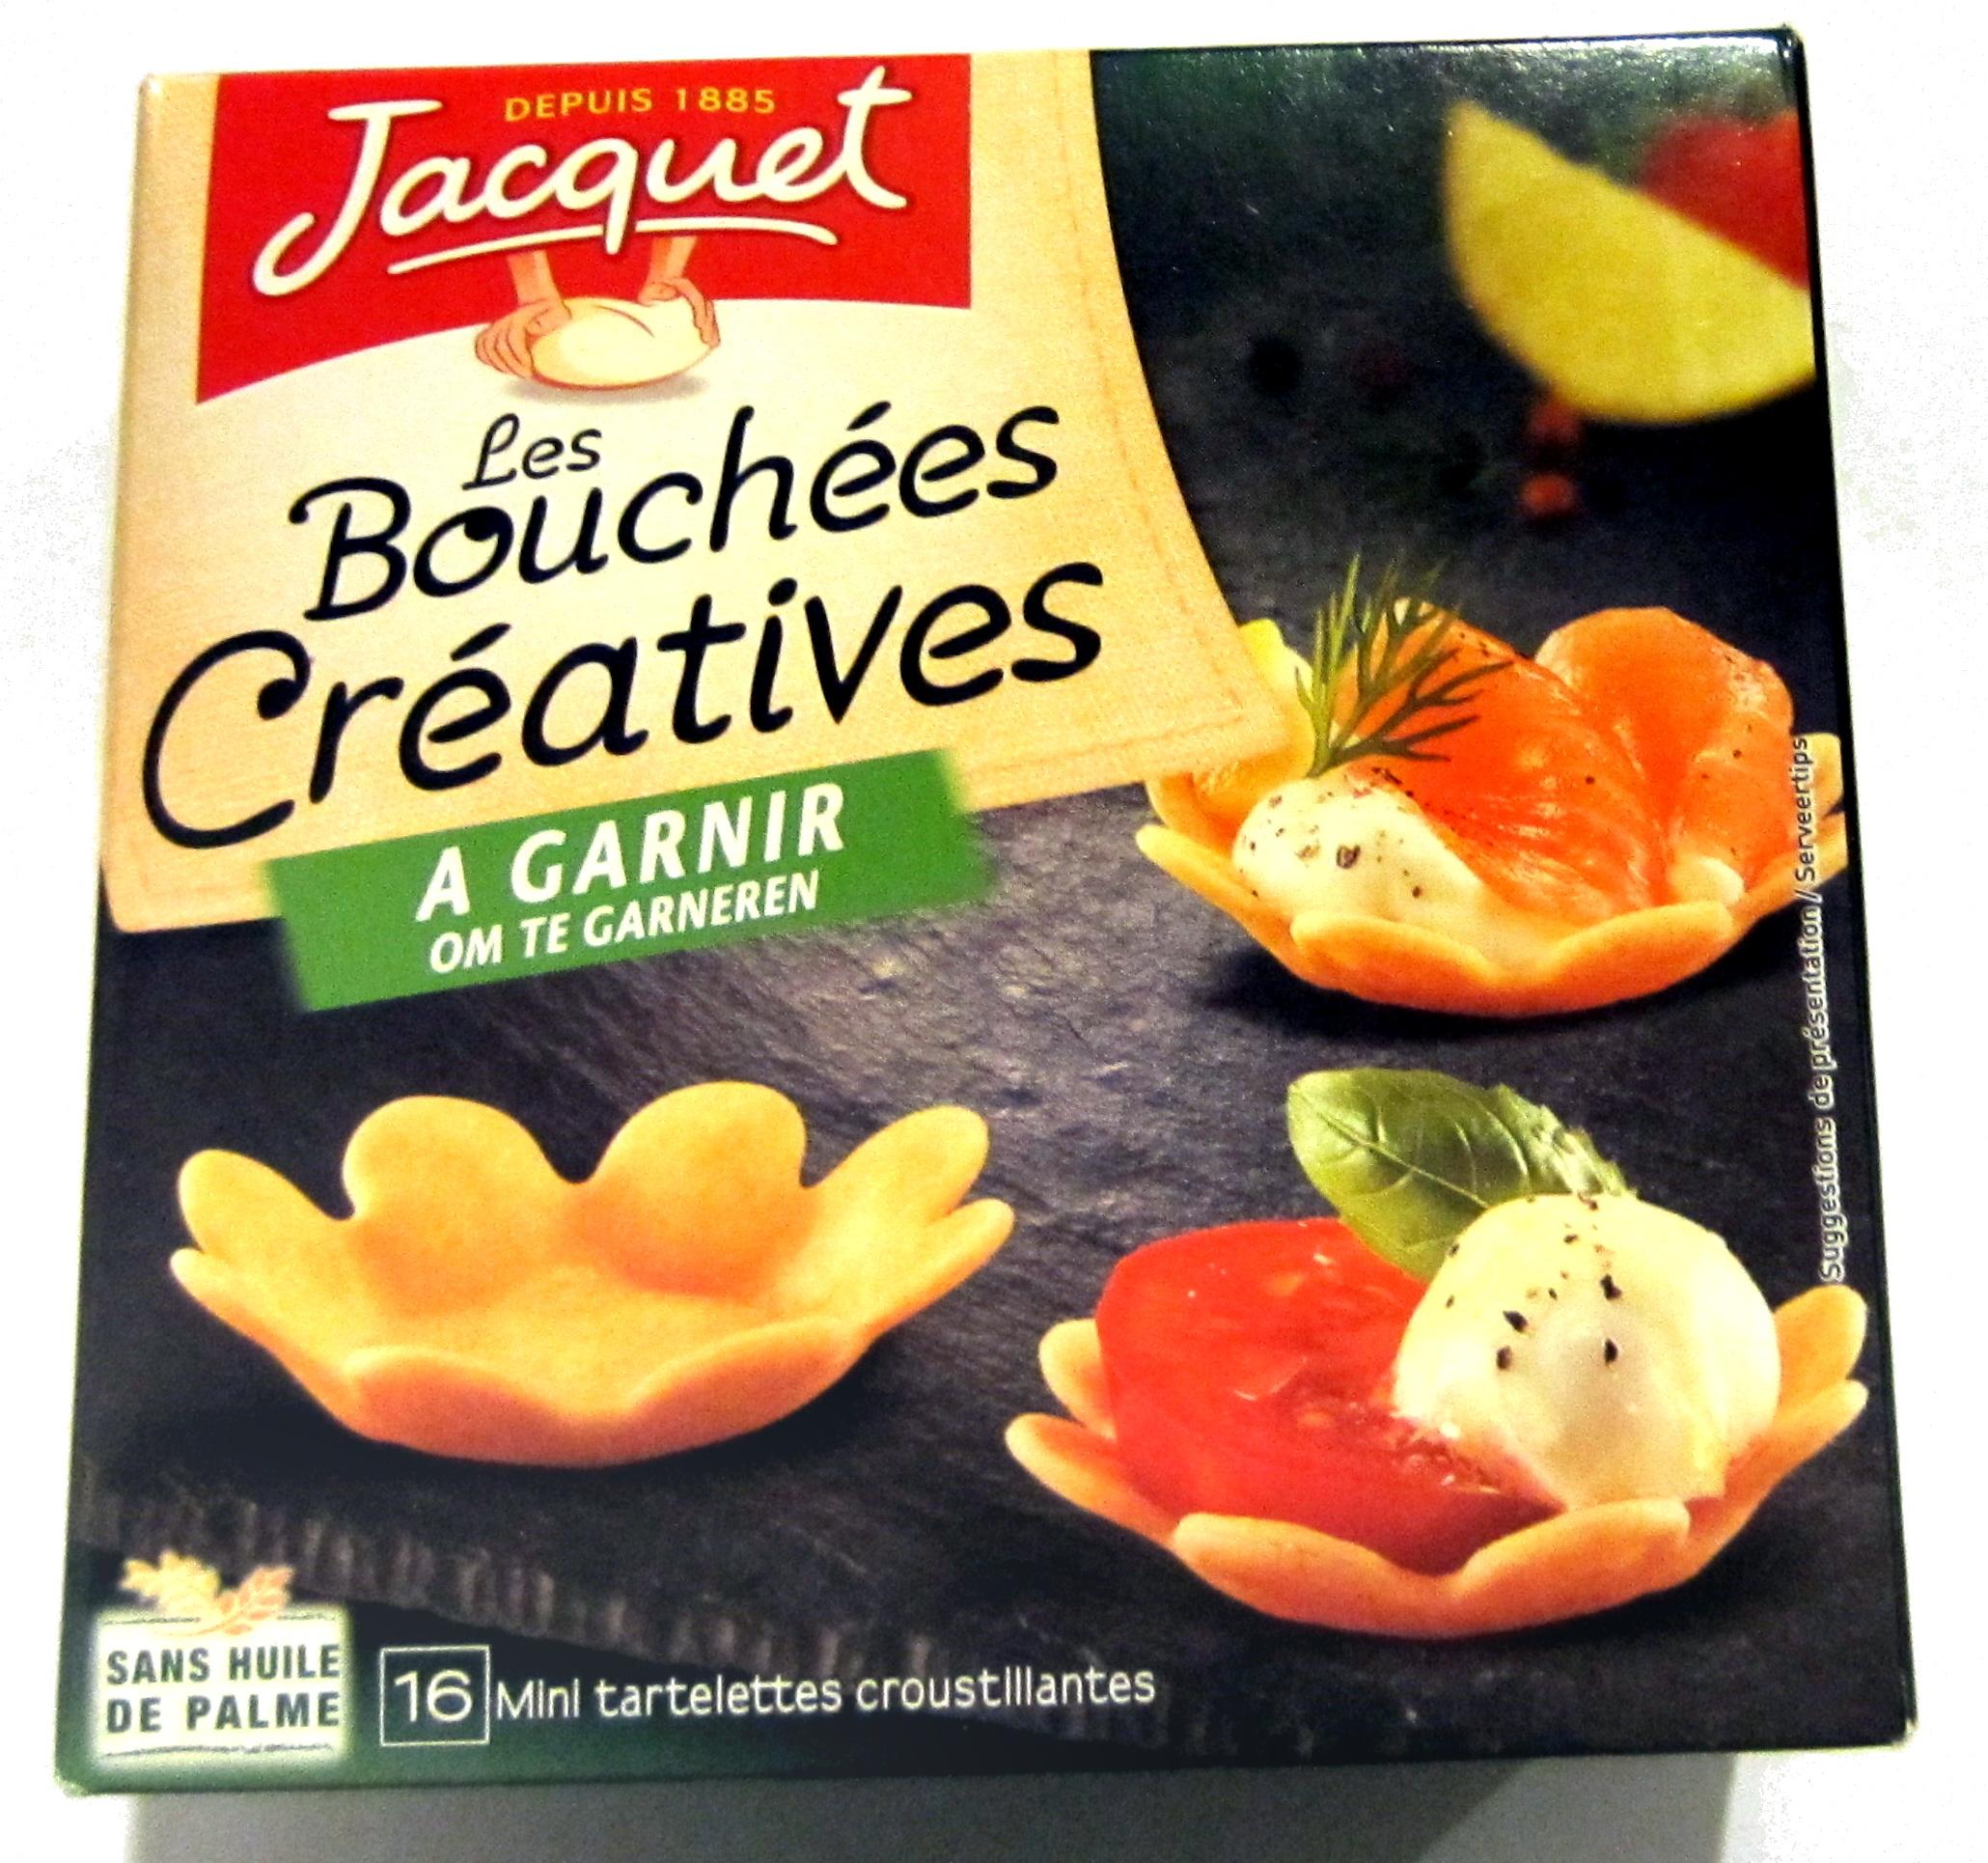 Jacquet Les bouchées créatives à garnir - Product - fr